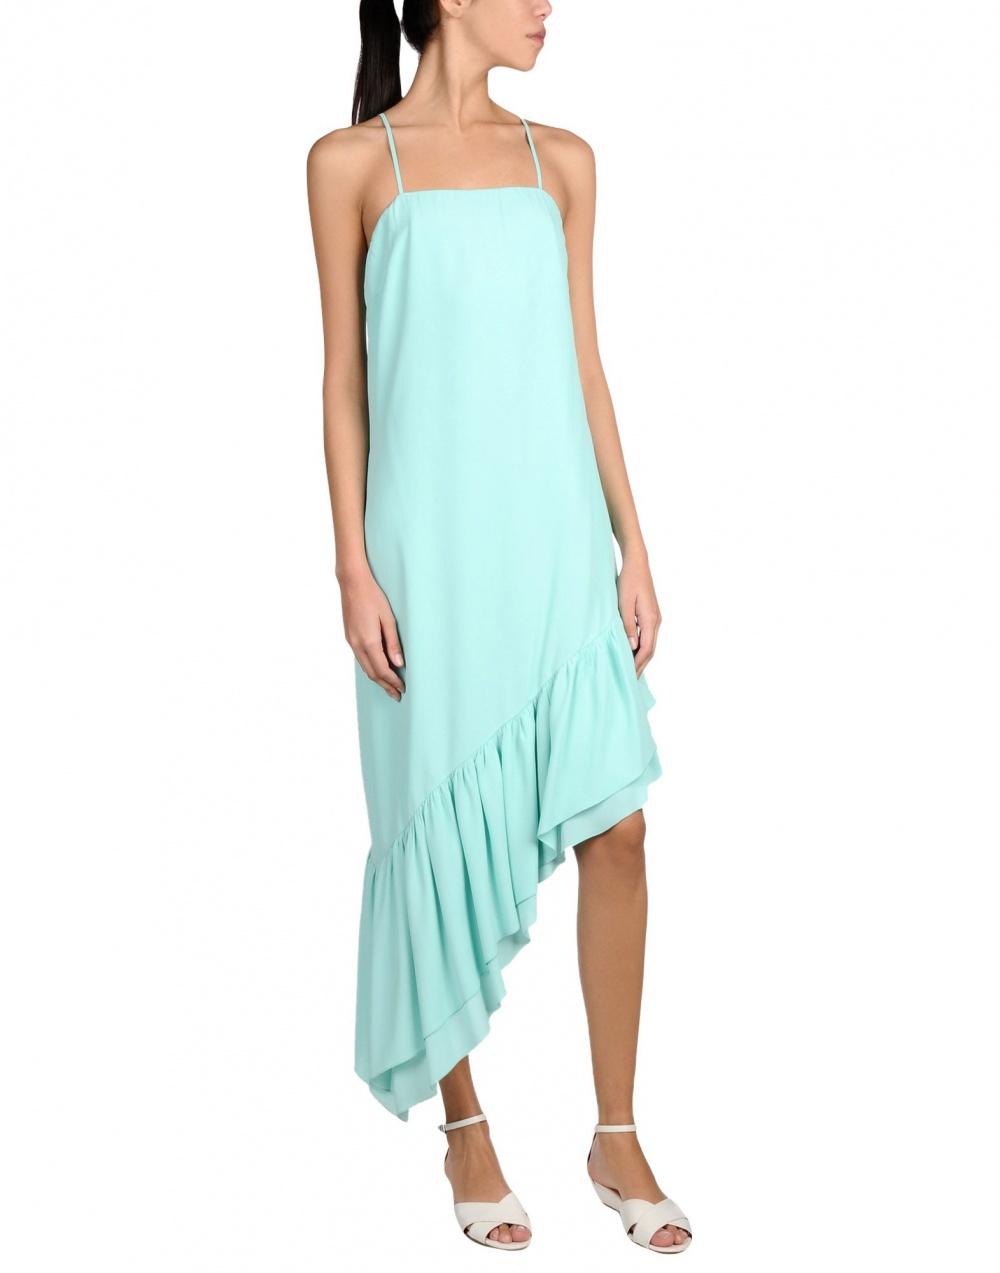 Платье CARLA G.  44 размер  ( 42 ит.)